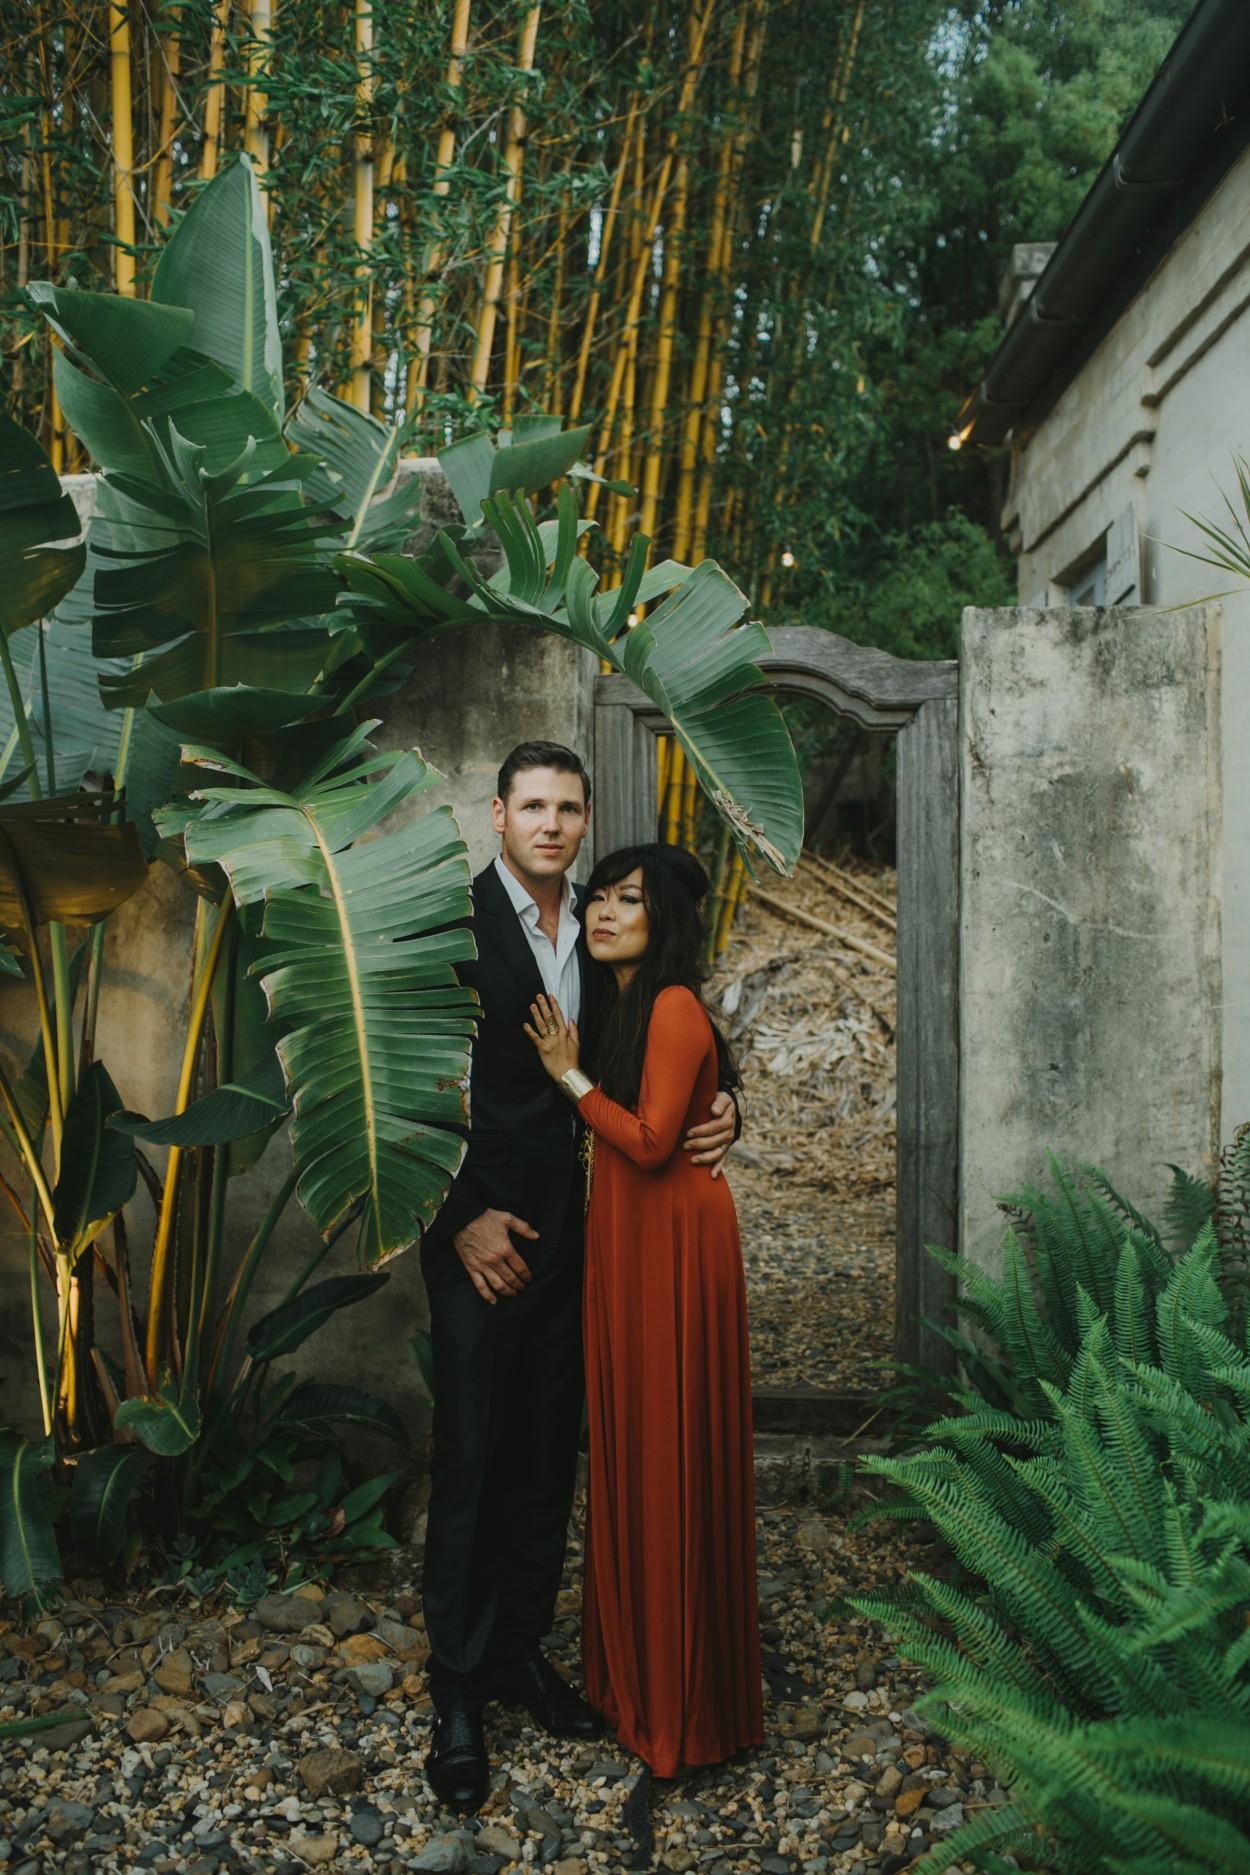 I-Got-You-Babe-Weddings-The-Riad-Byron-Bay-Wedding-Kitty-Jimmy129.jpg